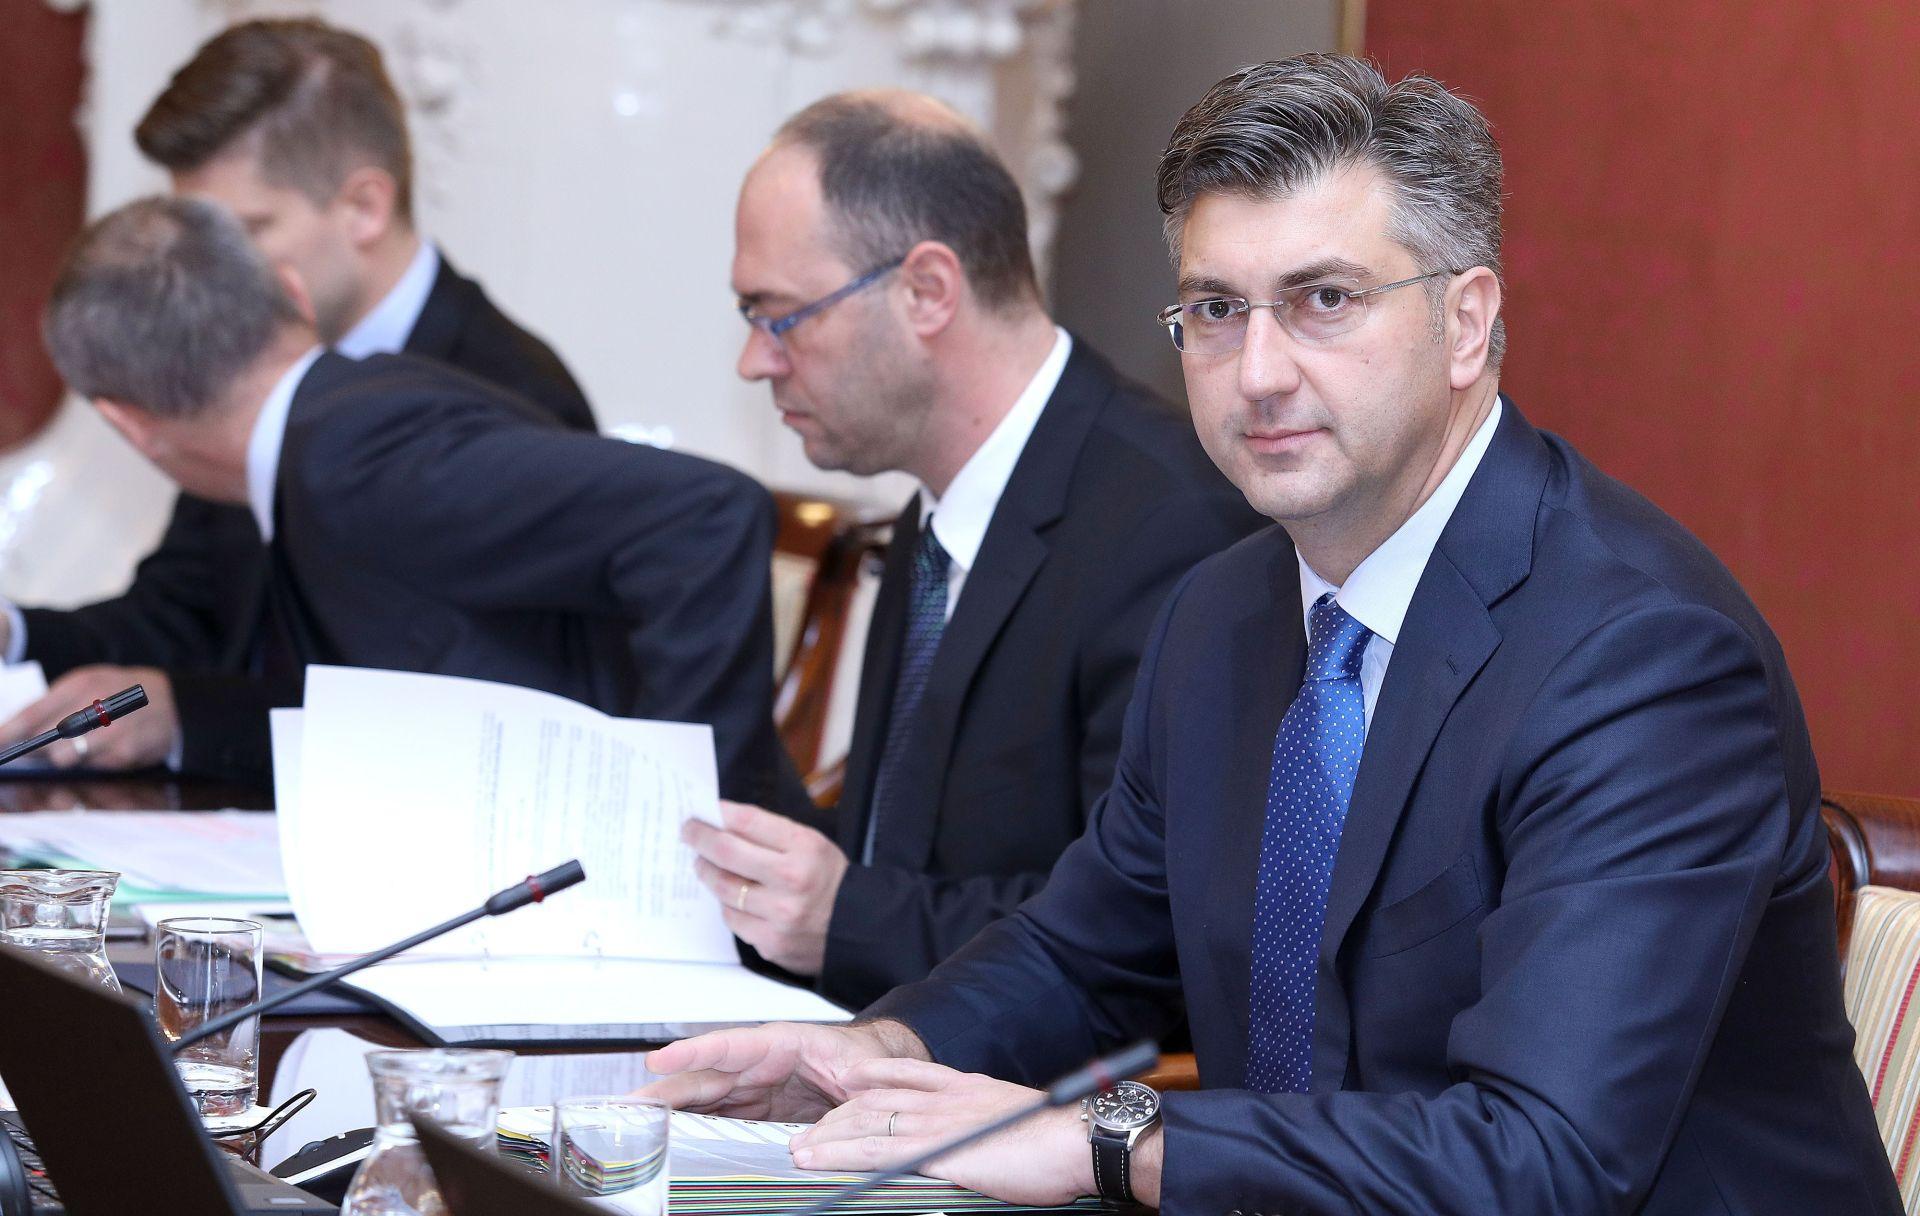 PREMIJER PLENKOVIĆ: 'Cijela Vlada stoji iza porezne reforme'